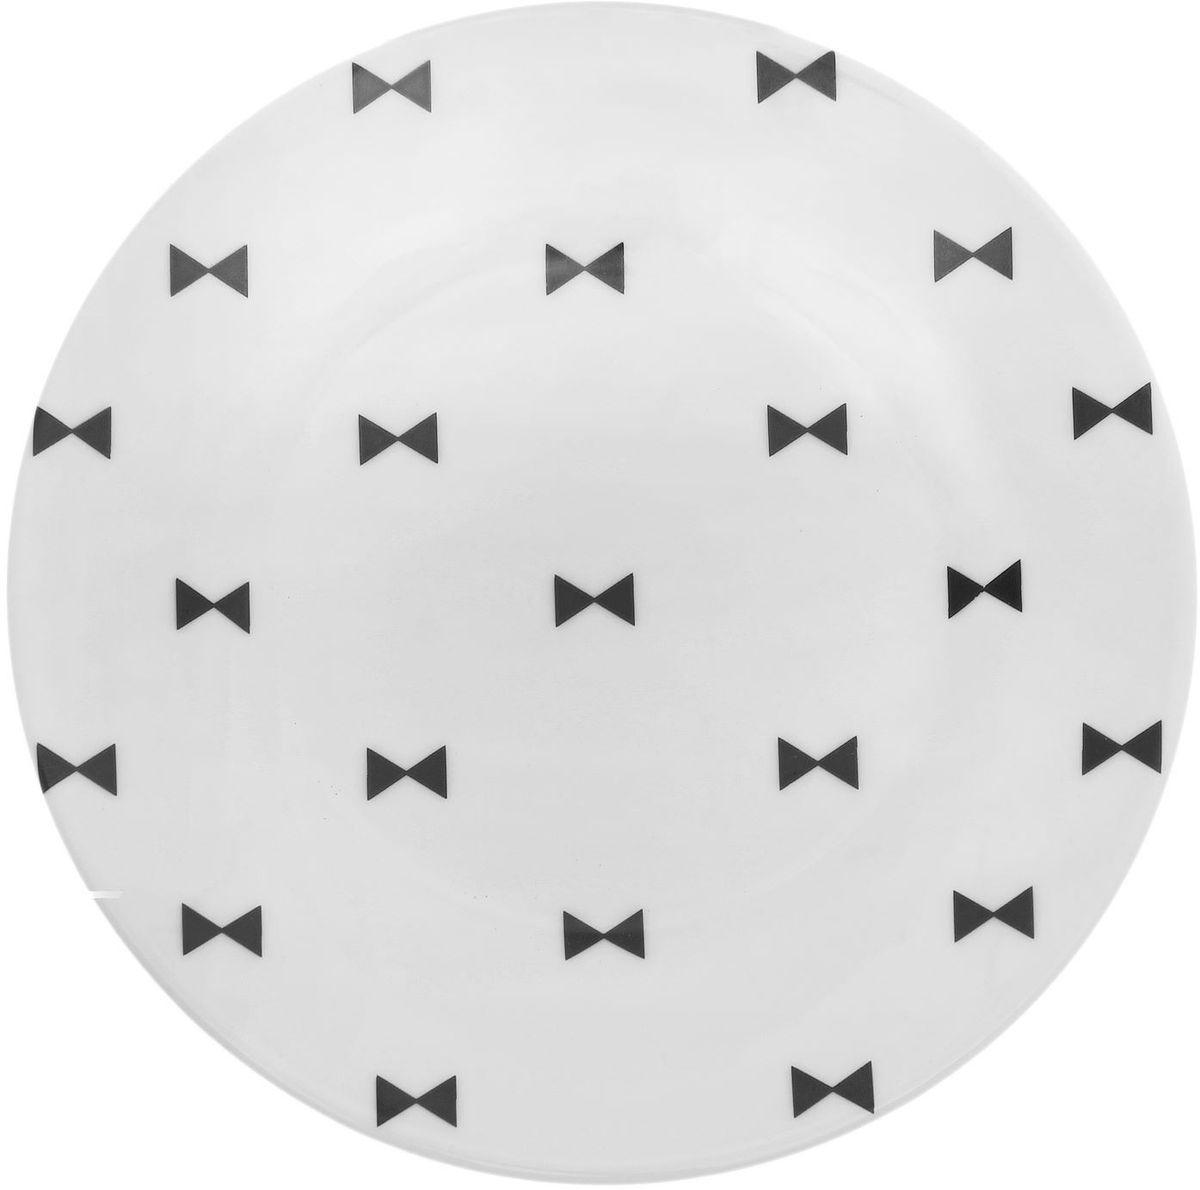 Тарелка мелкая Сотвори чудо Бантик, диаметр 15,5 см1661832Хотите обновить интерьер кухни или гостиной? Устраиваете необычную фотосессию или тематический праздник? А может, просто ищете подарок для близкого человека? Посуда Сотвори Чудо — правильный выбор в любой ситуации. Тарелка Сотвори Чудо, изготовленная из изящного фаянса нежного сливочного цвета, оформлена оригинальным рисунком со стойкой краской. Пригодна для посудомоечной машины.